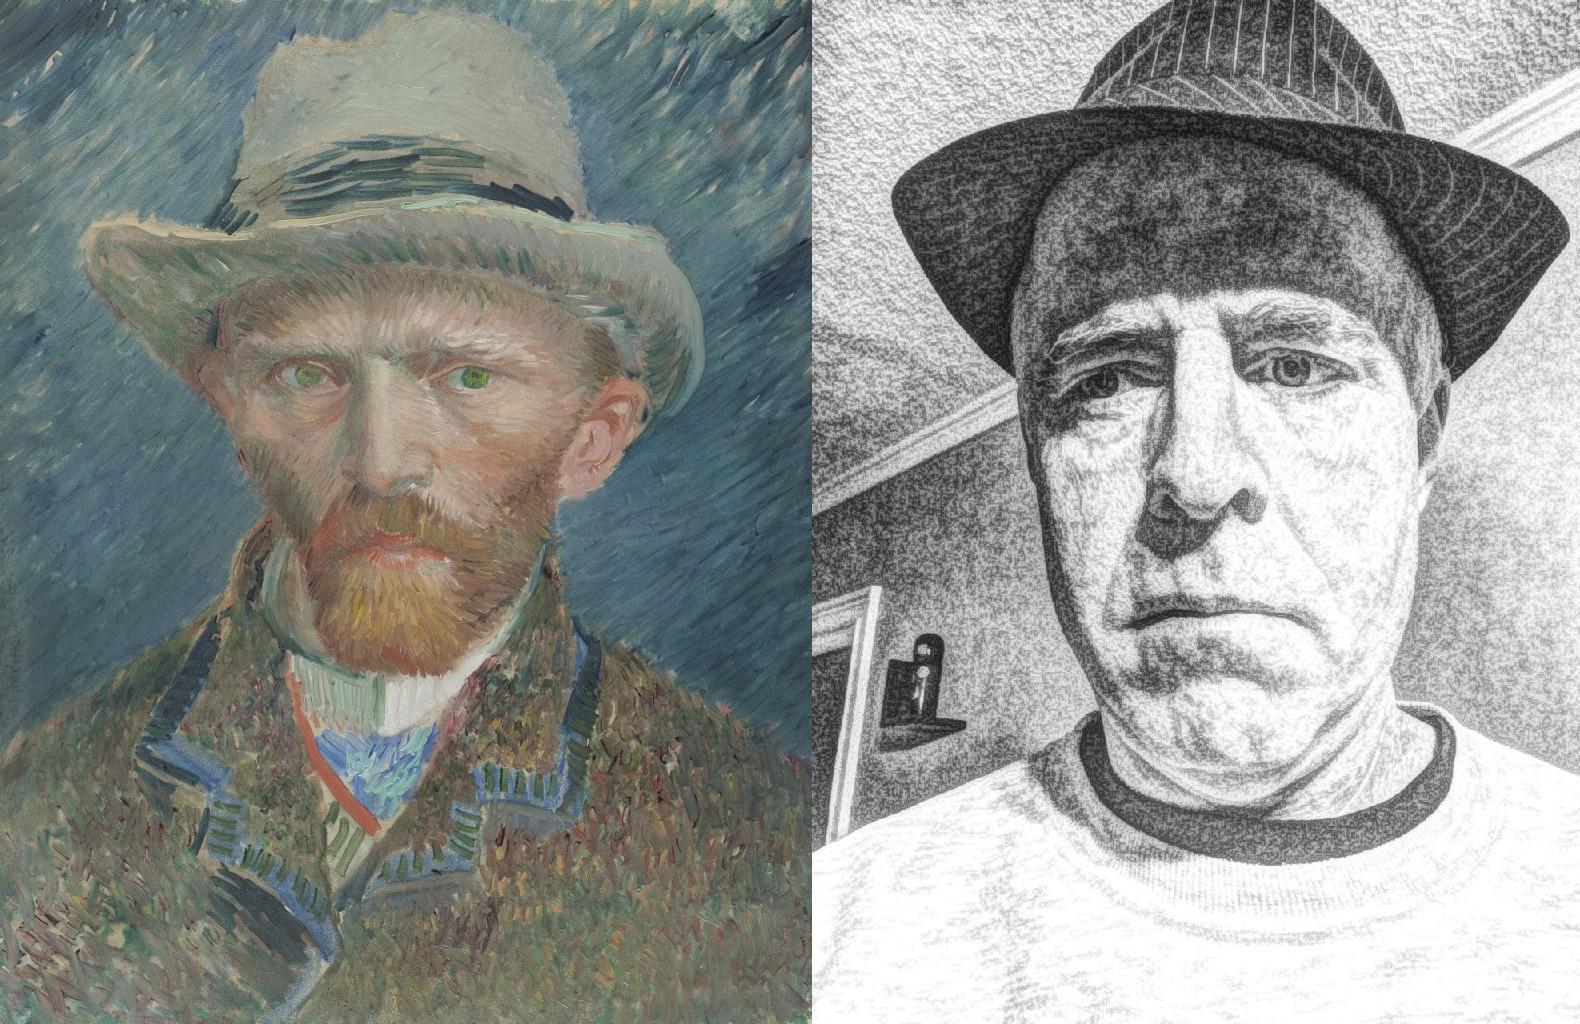 Van Gogh 1887 Self-Portrait, Vincent van Gogh (1853-1890) vanGo'd by Dogtrax